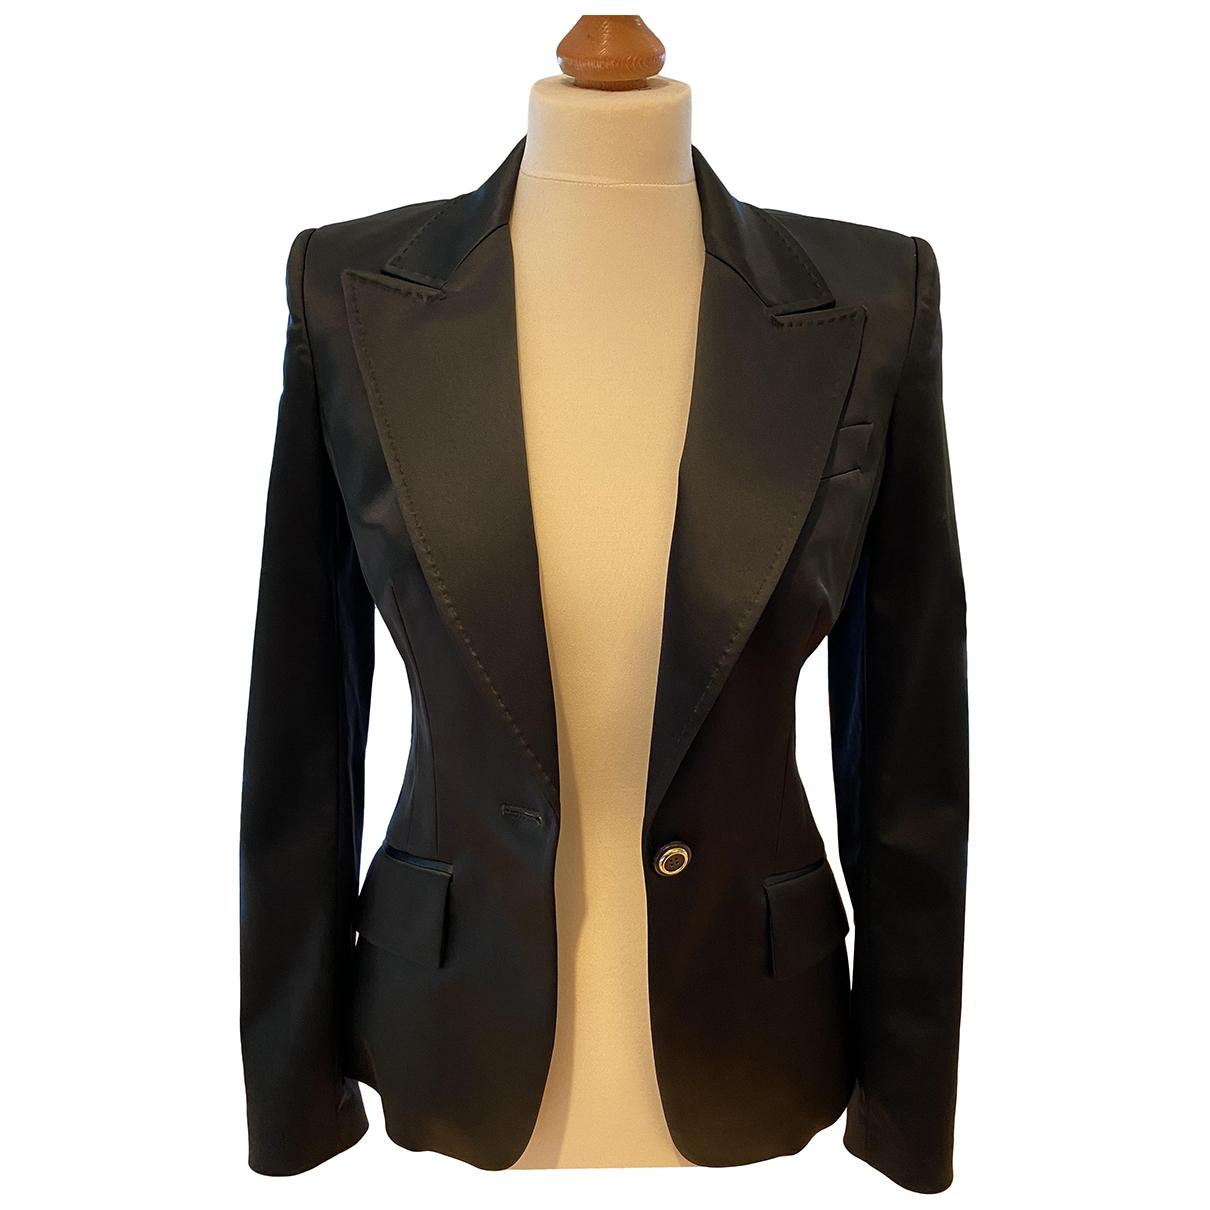 D&g \N Black jacket for Women 40 IT